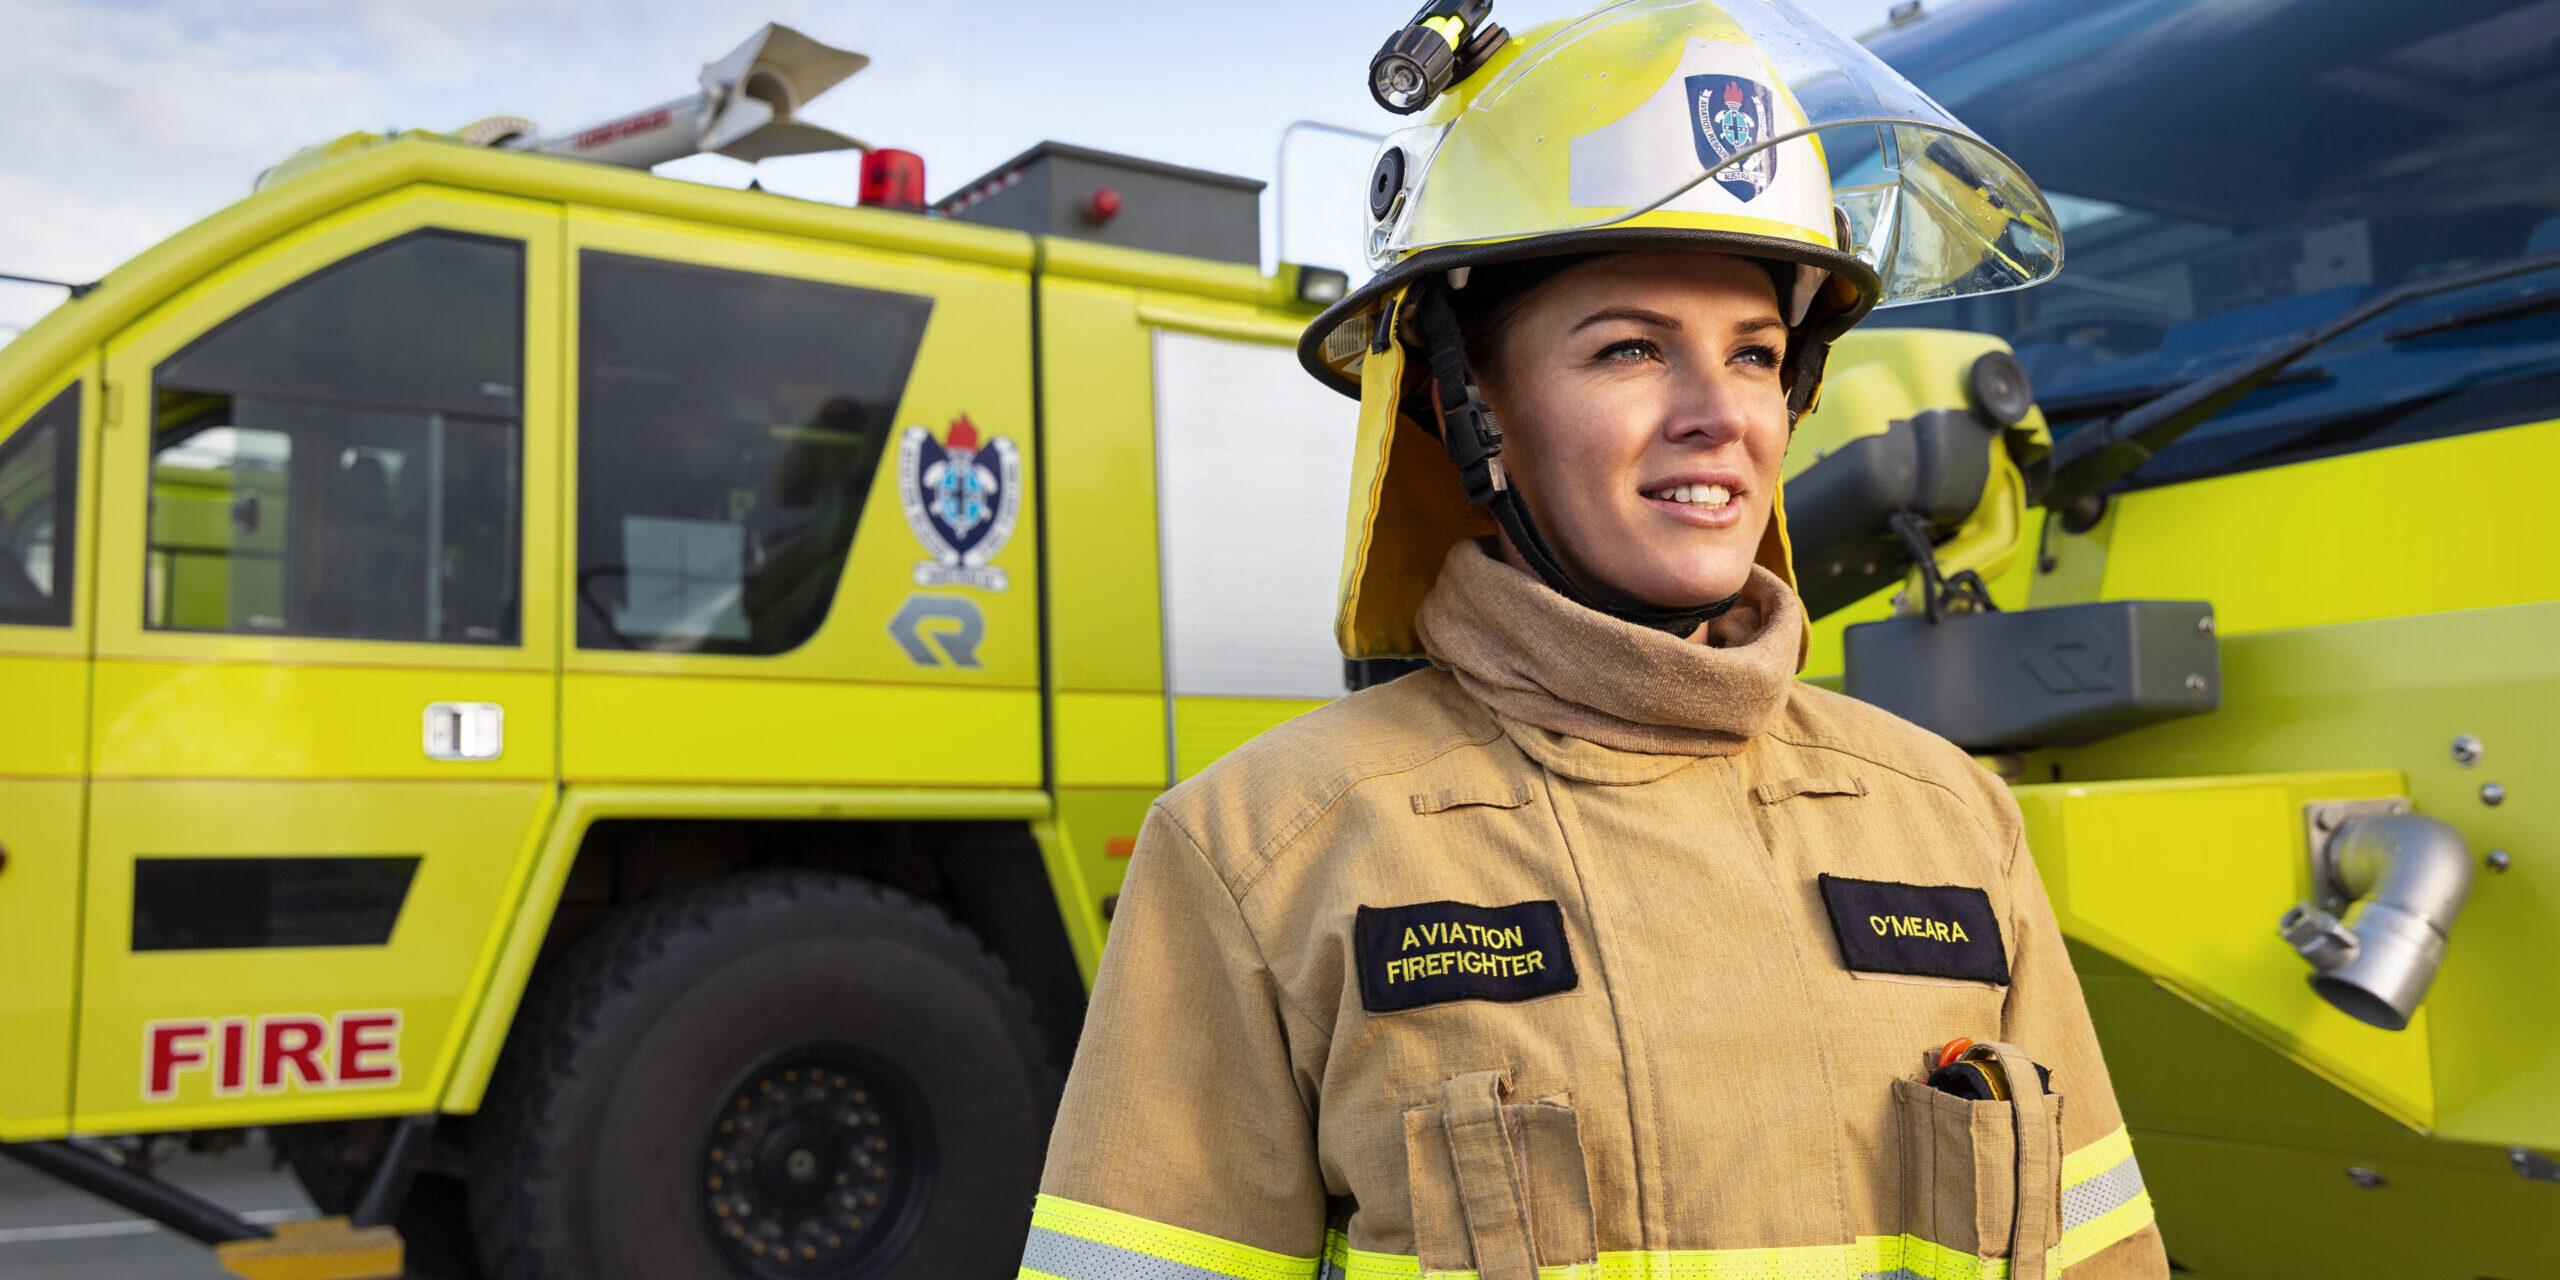 A woman aviation firefighter in ARFFS